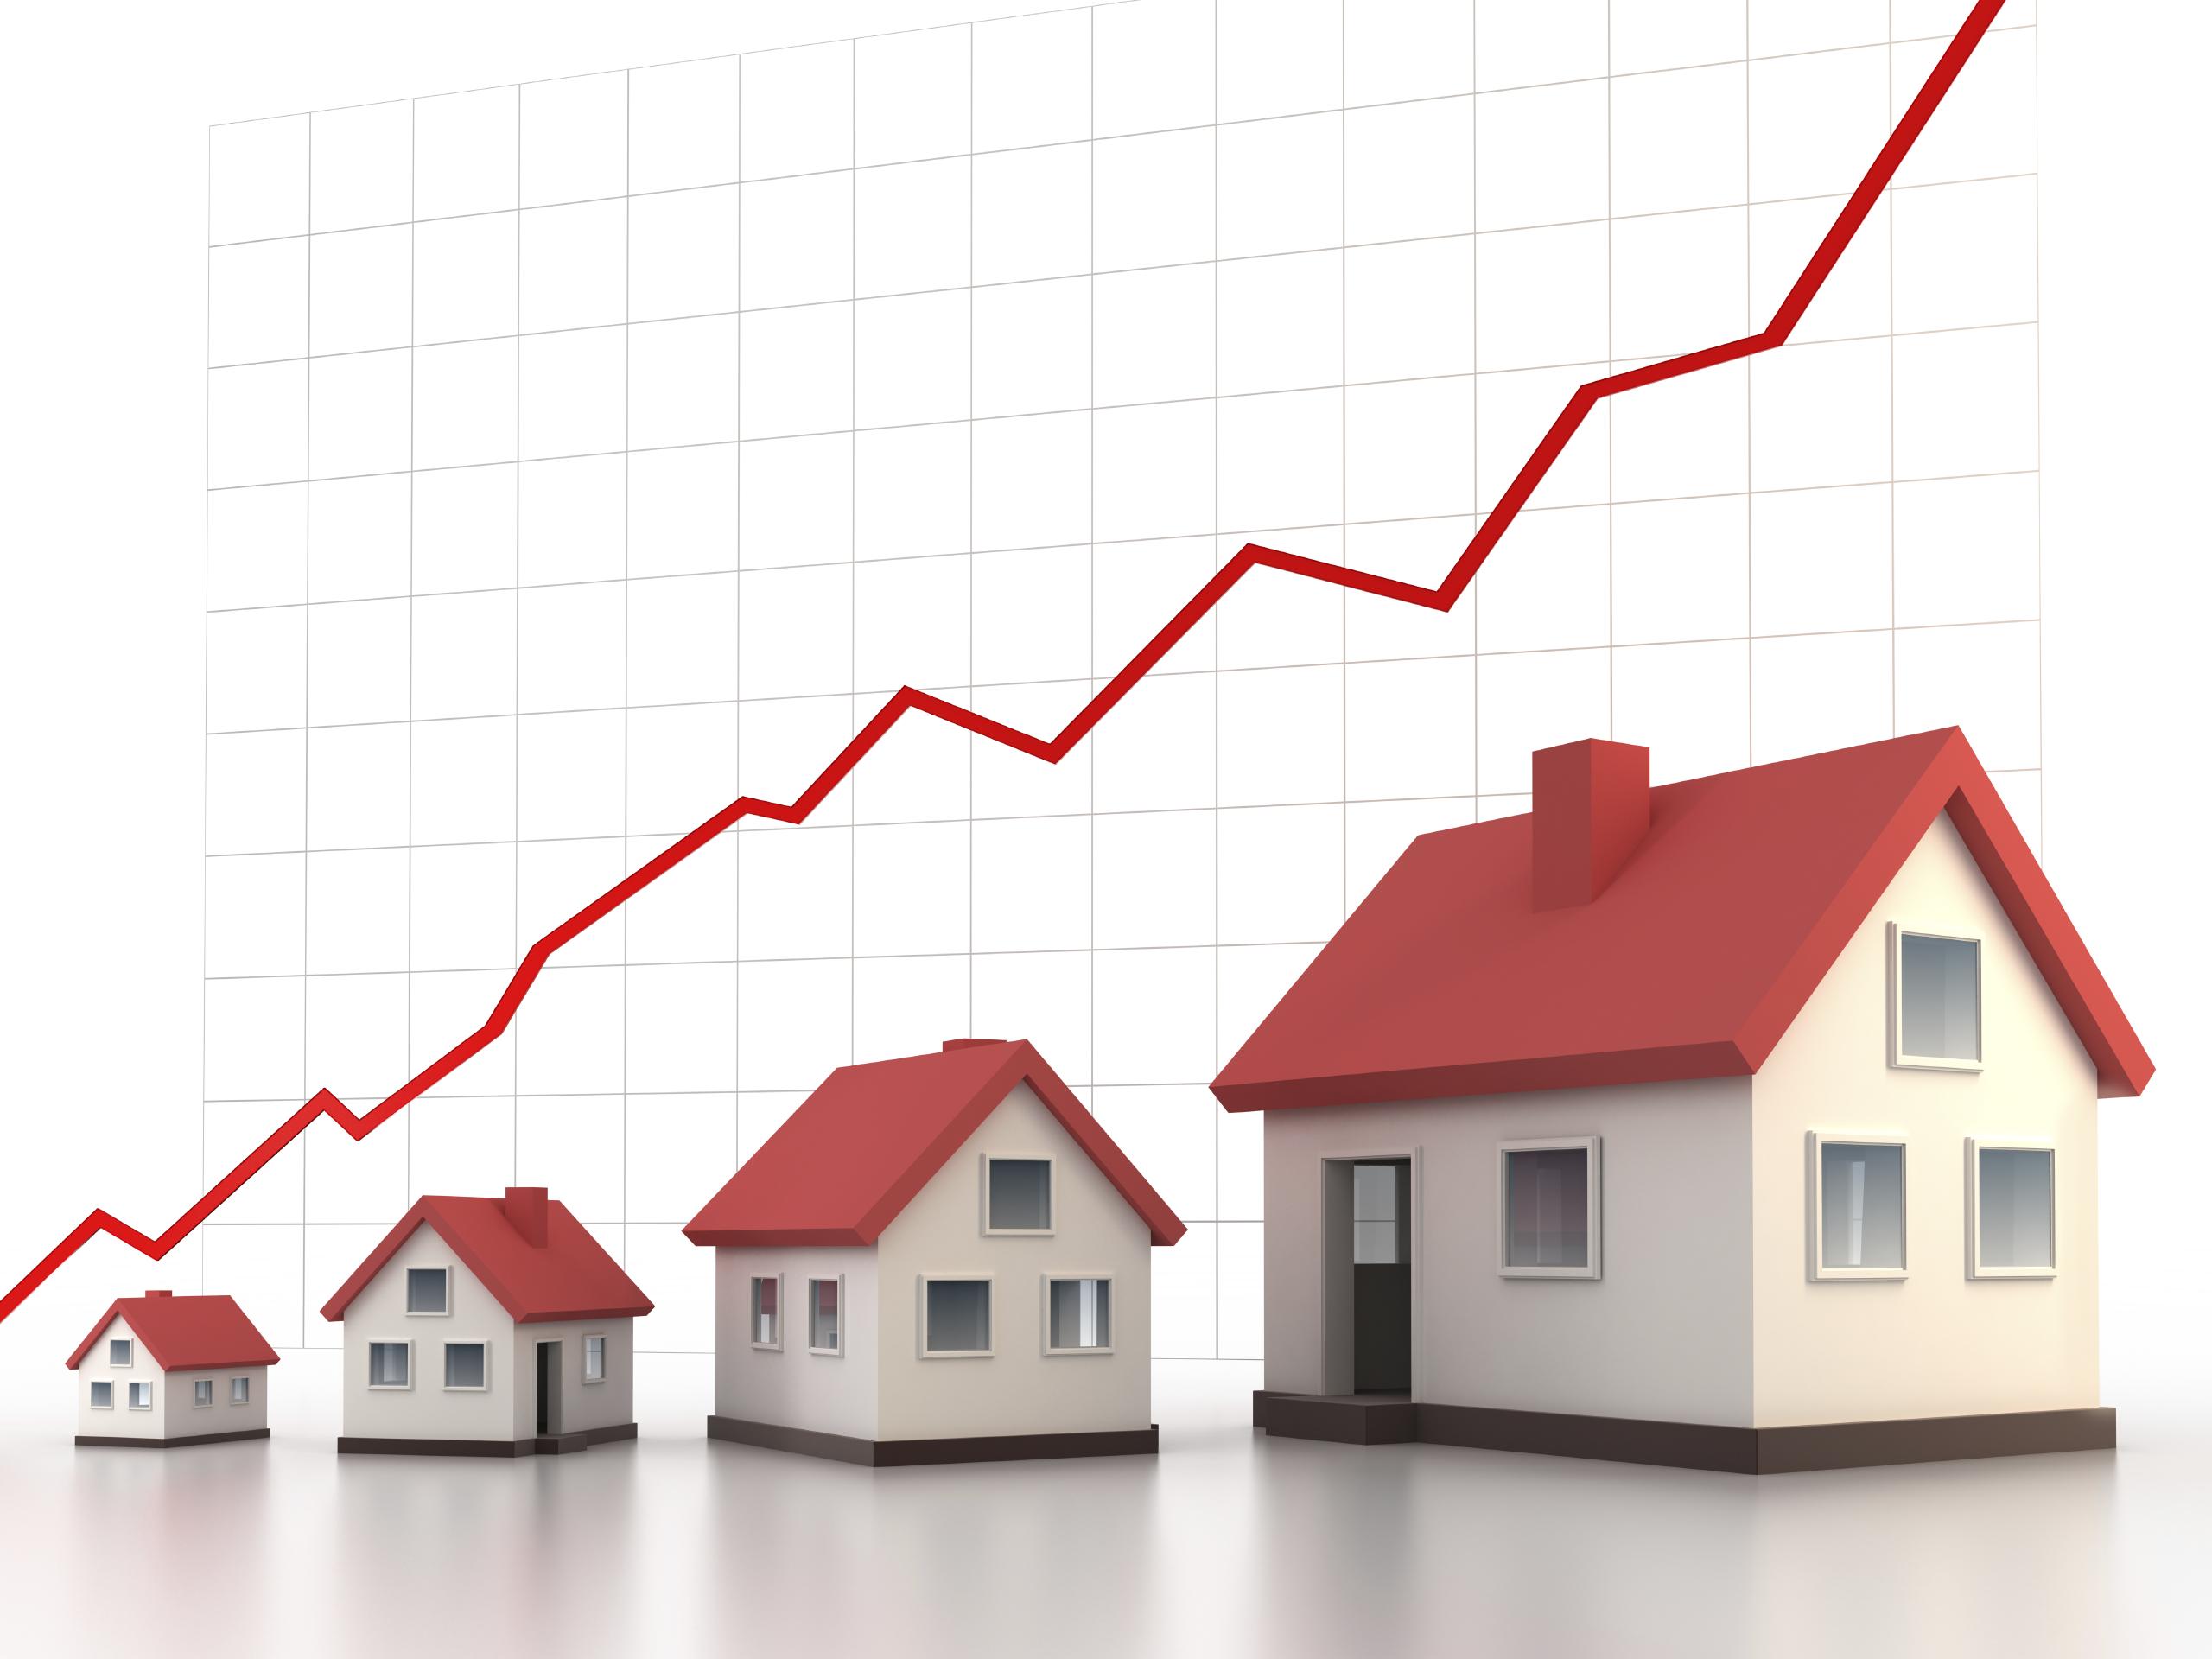 Xin giấy chứng nhận đầu tư thành công cho nhà đầu tư Hồng Kong.